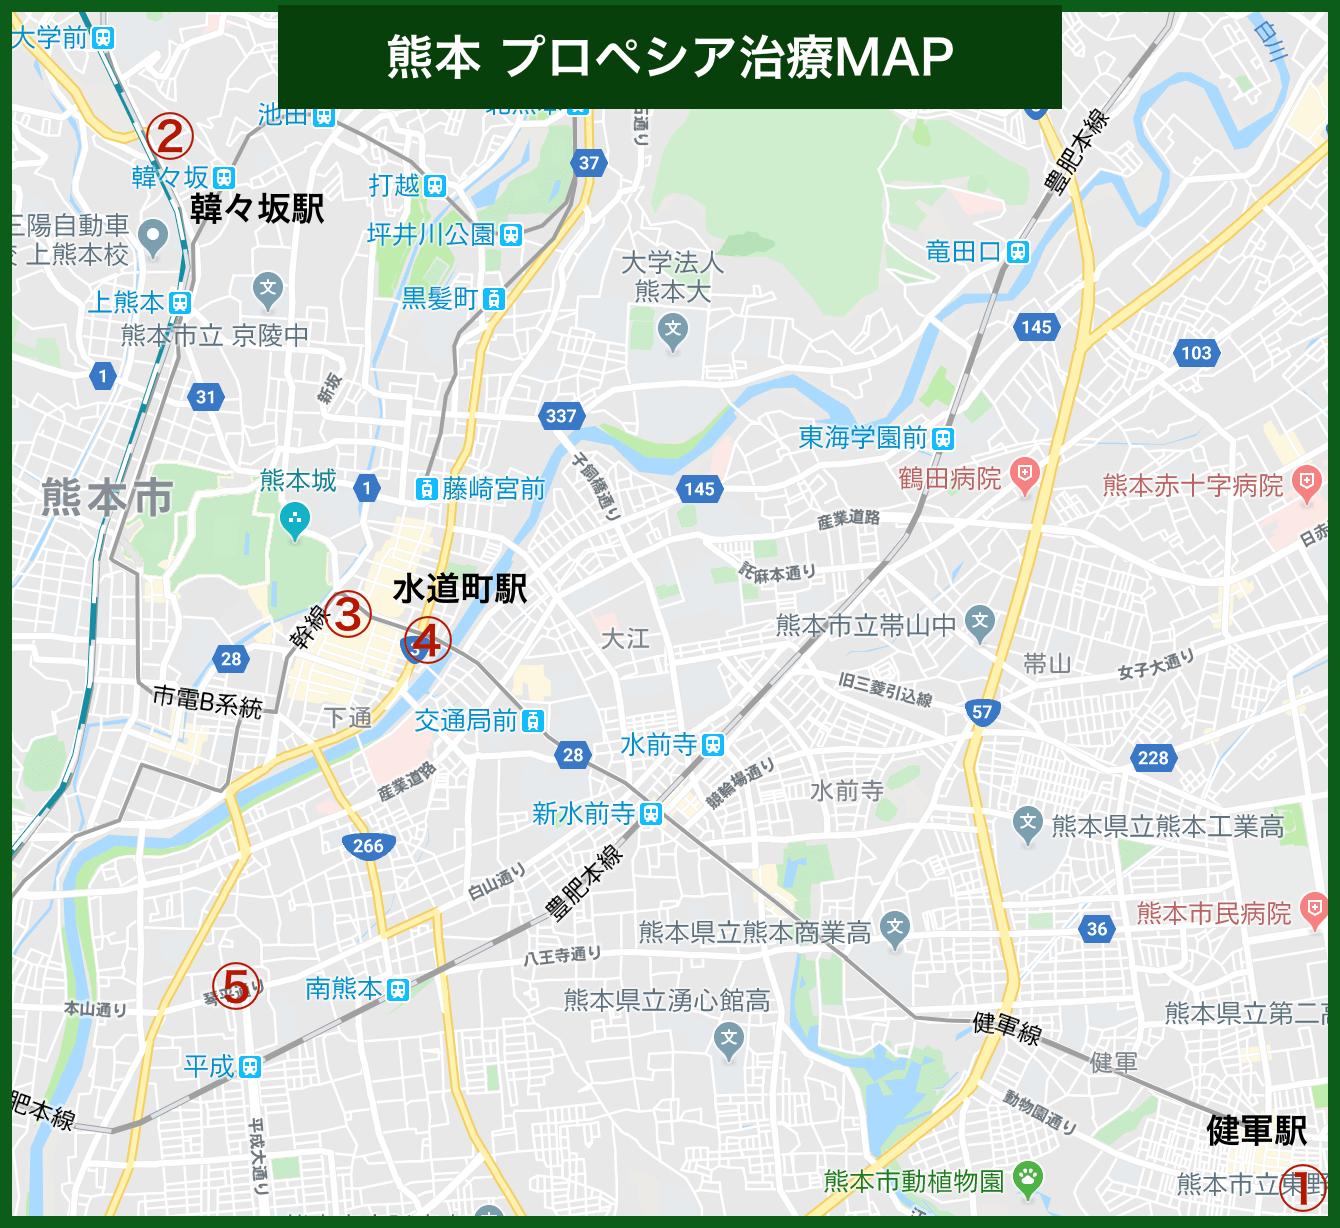 熊本プロペシア治療MAP(2020年版)